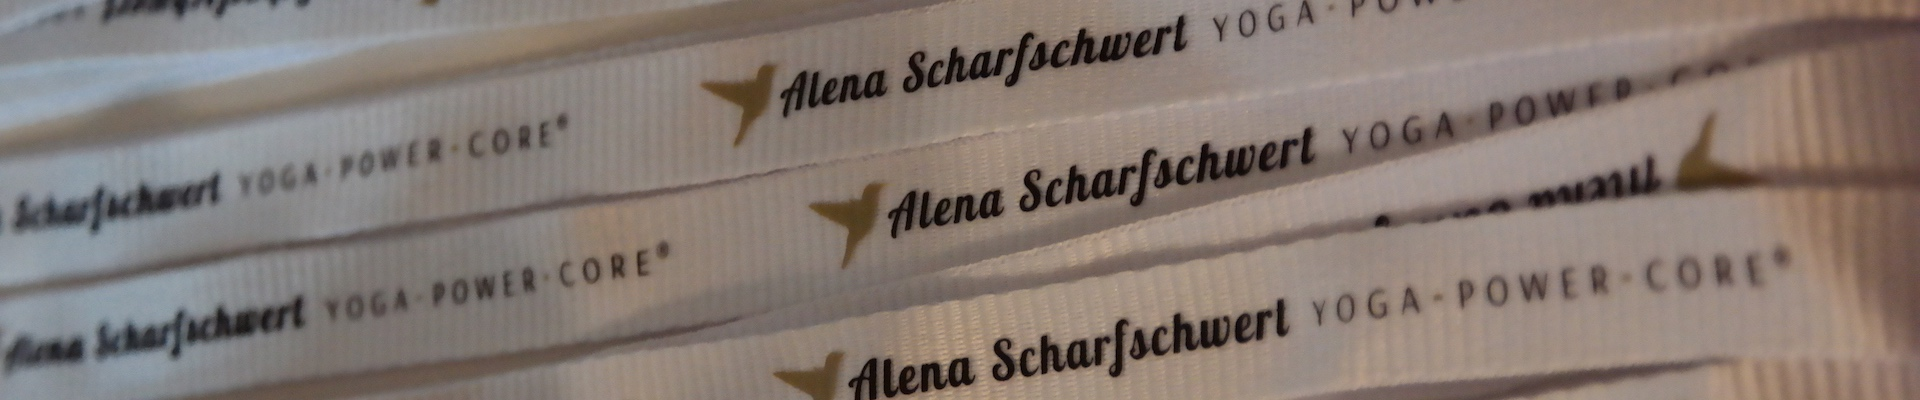 Alena Scharfschwert Yoga Mönchengladbach